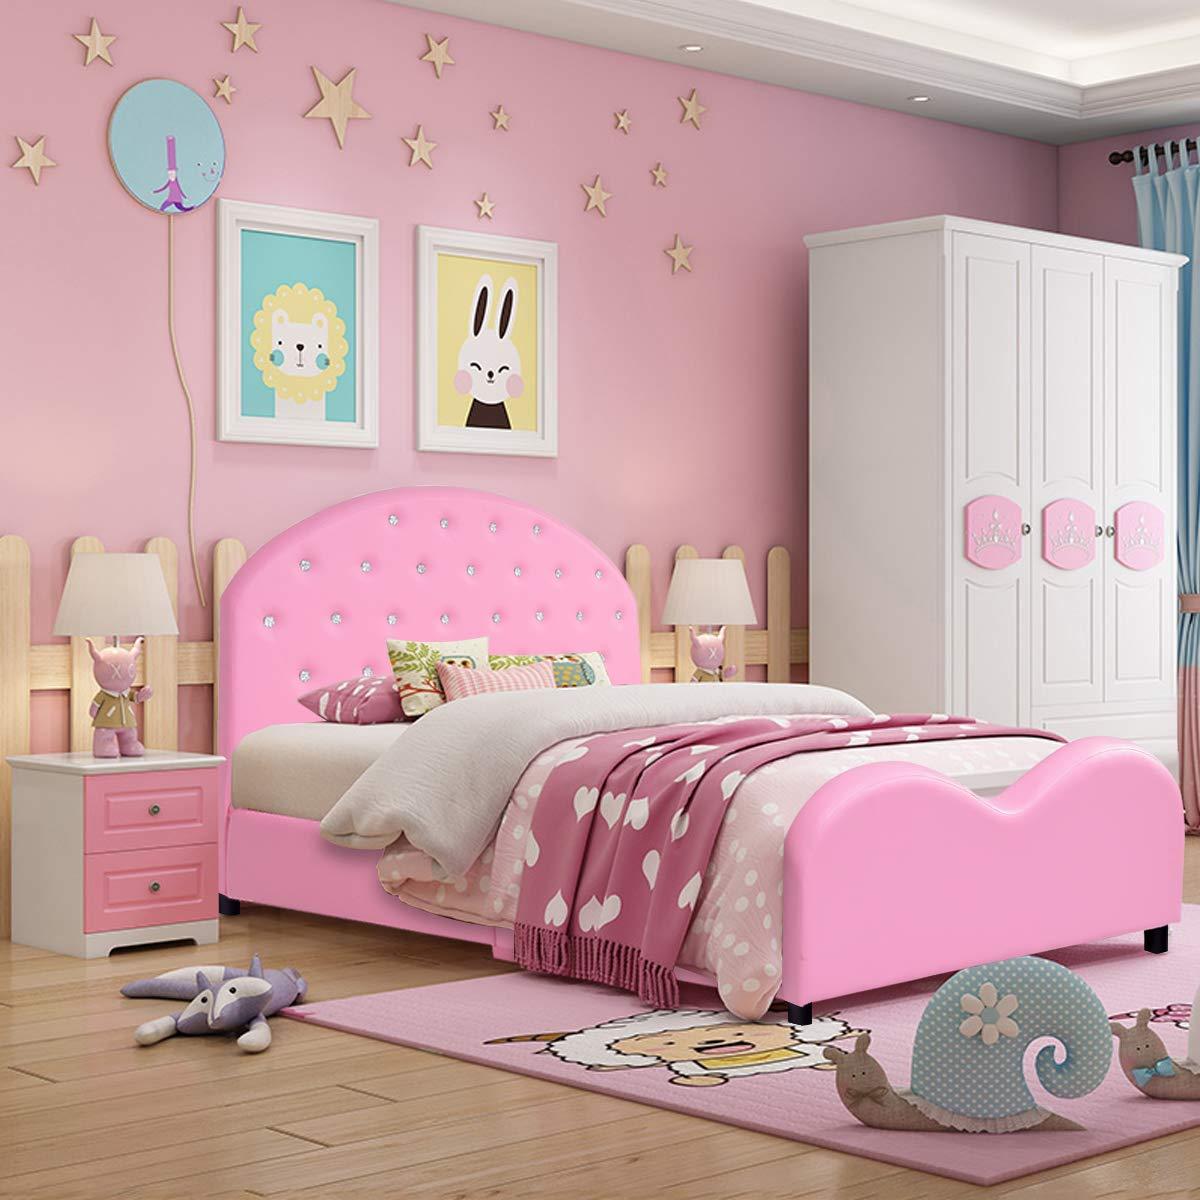 Upholstered Platform Bed W/Embedded Crystal - Pink